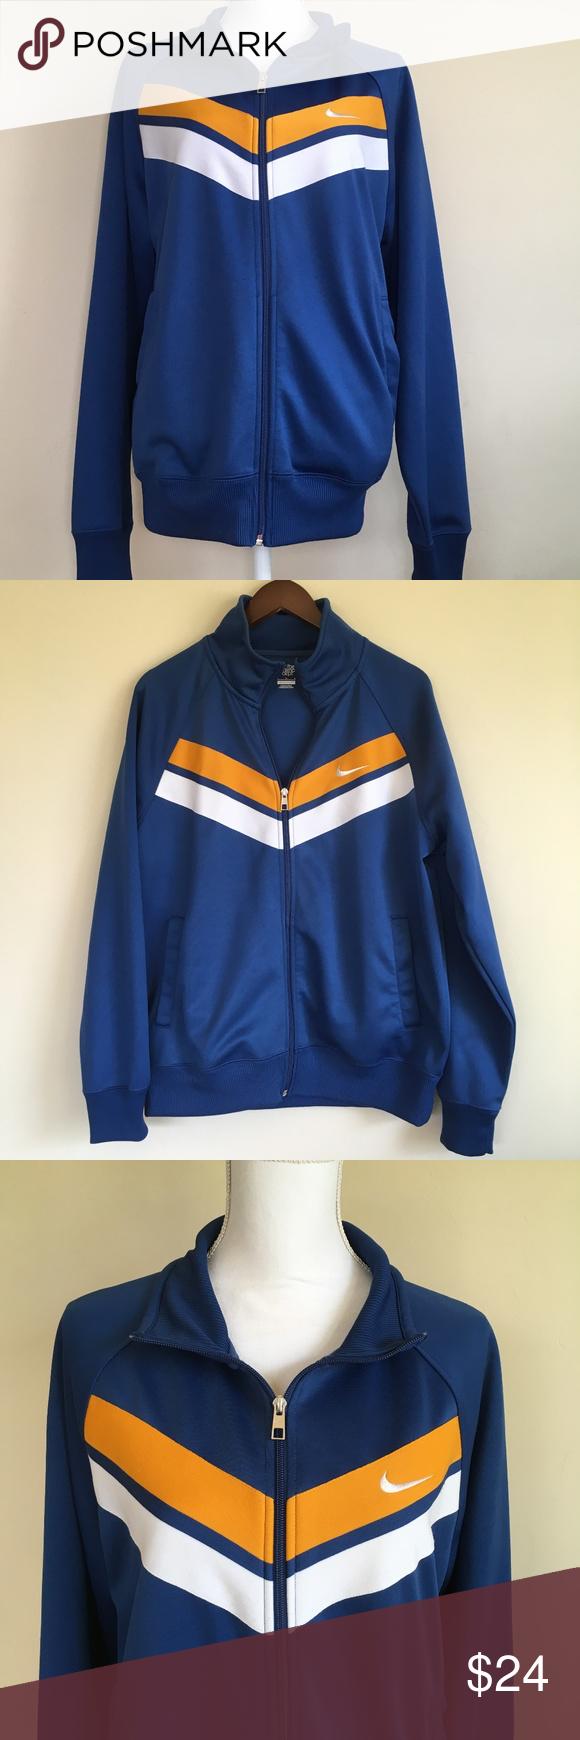 Nike Athletic Dept. Blue Track Jacket Size Large Nice Blue